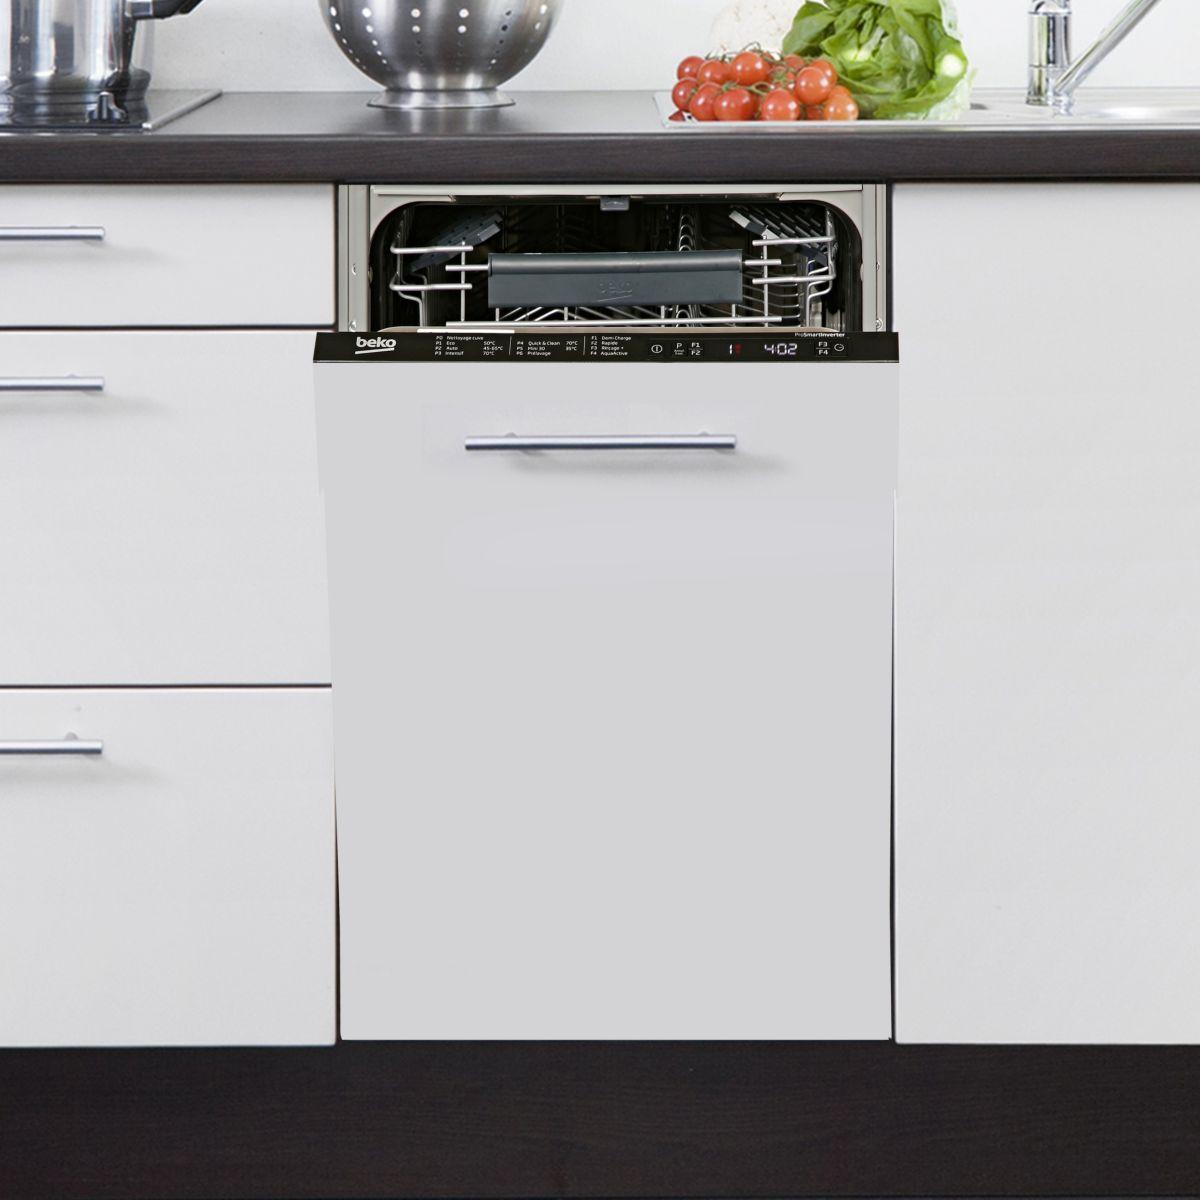 lave vaisselle beko lave vaisselle int grable. Black Bedroom Furniture Sets. Home Design Ideas